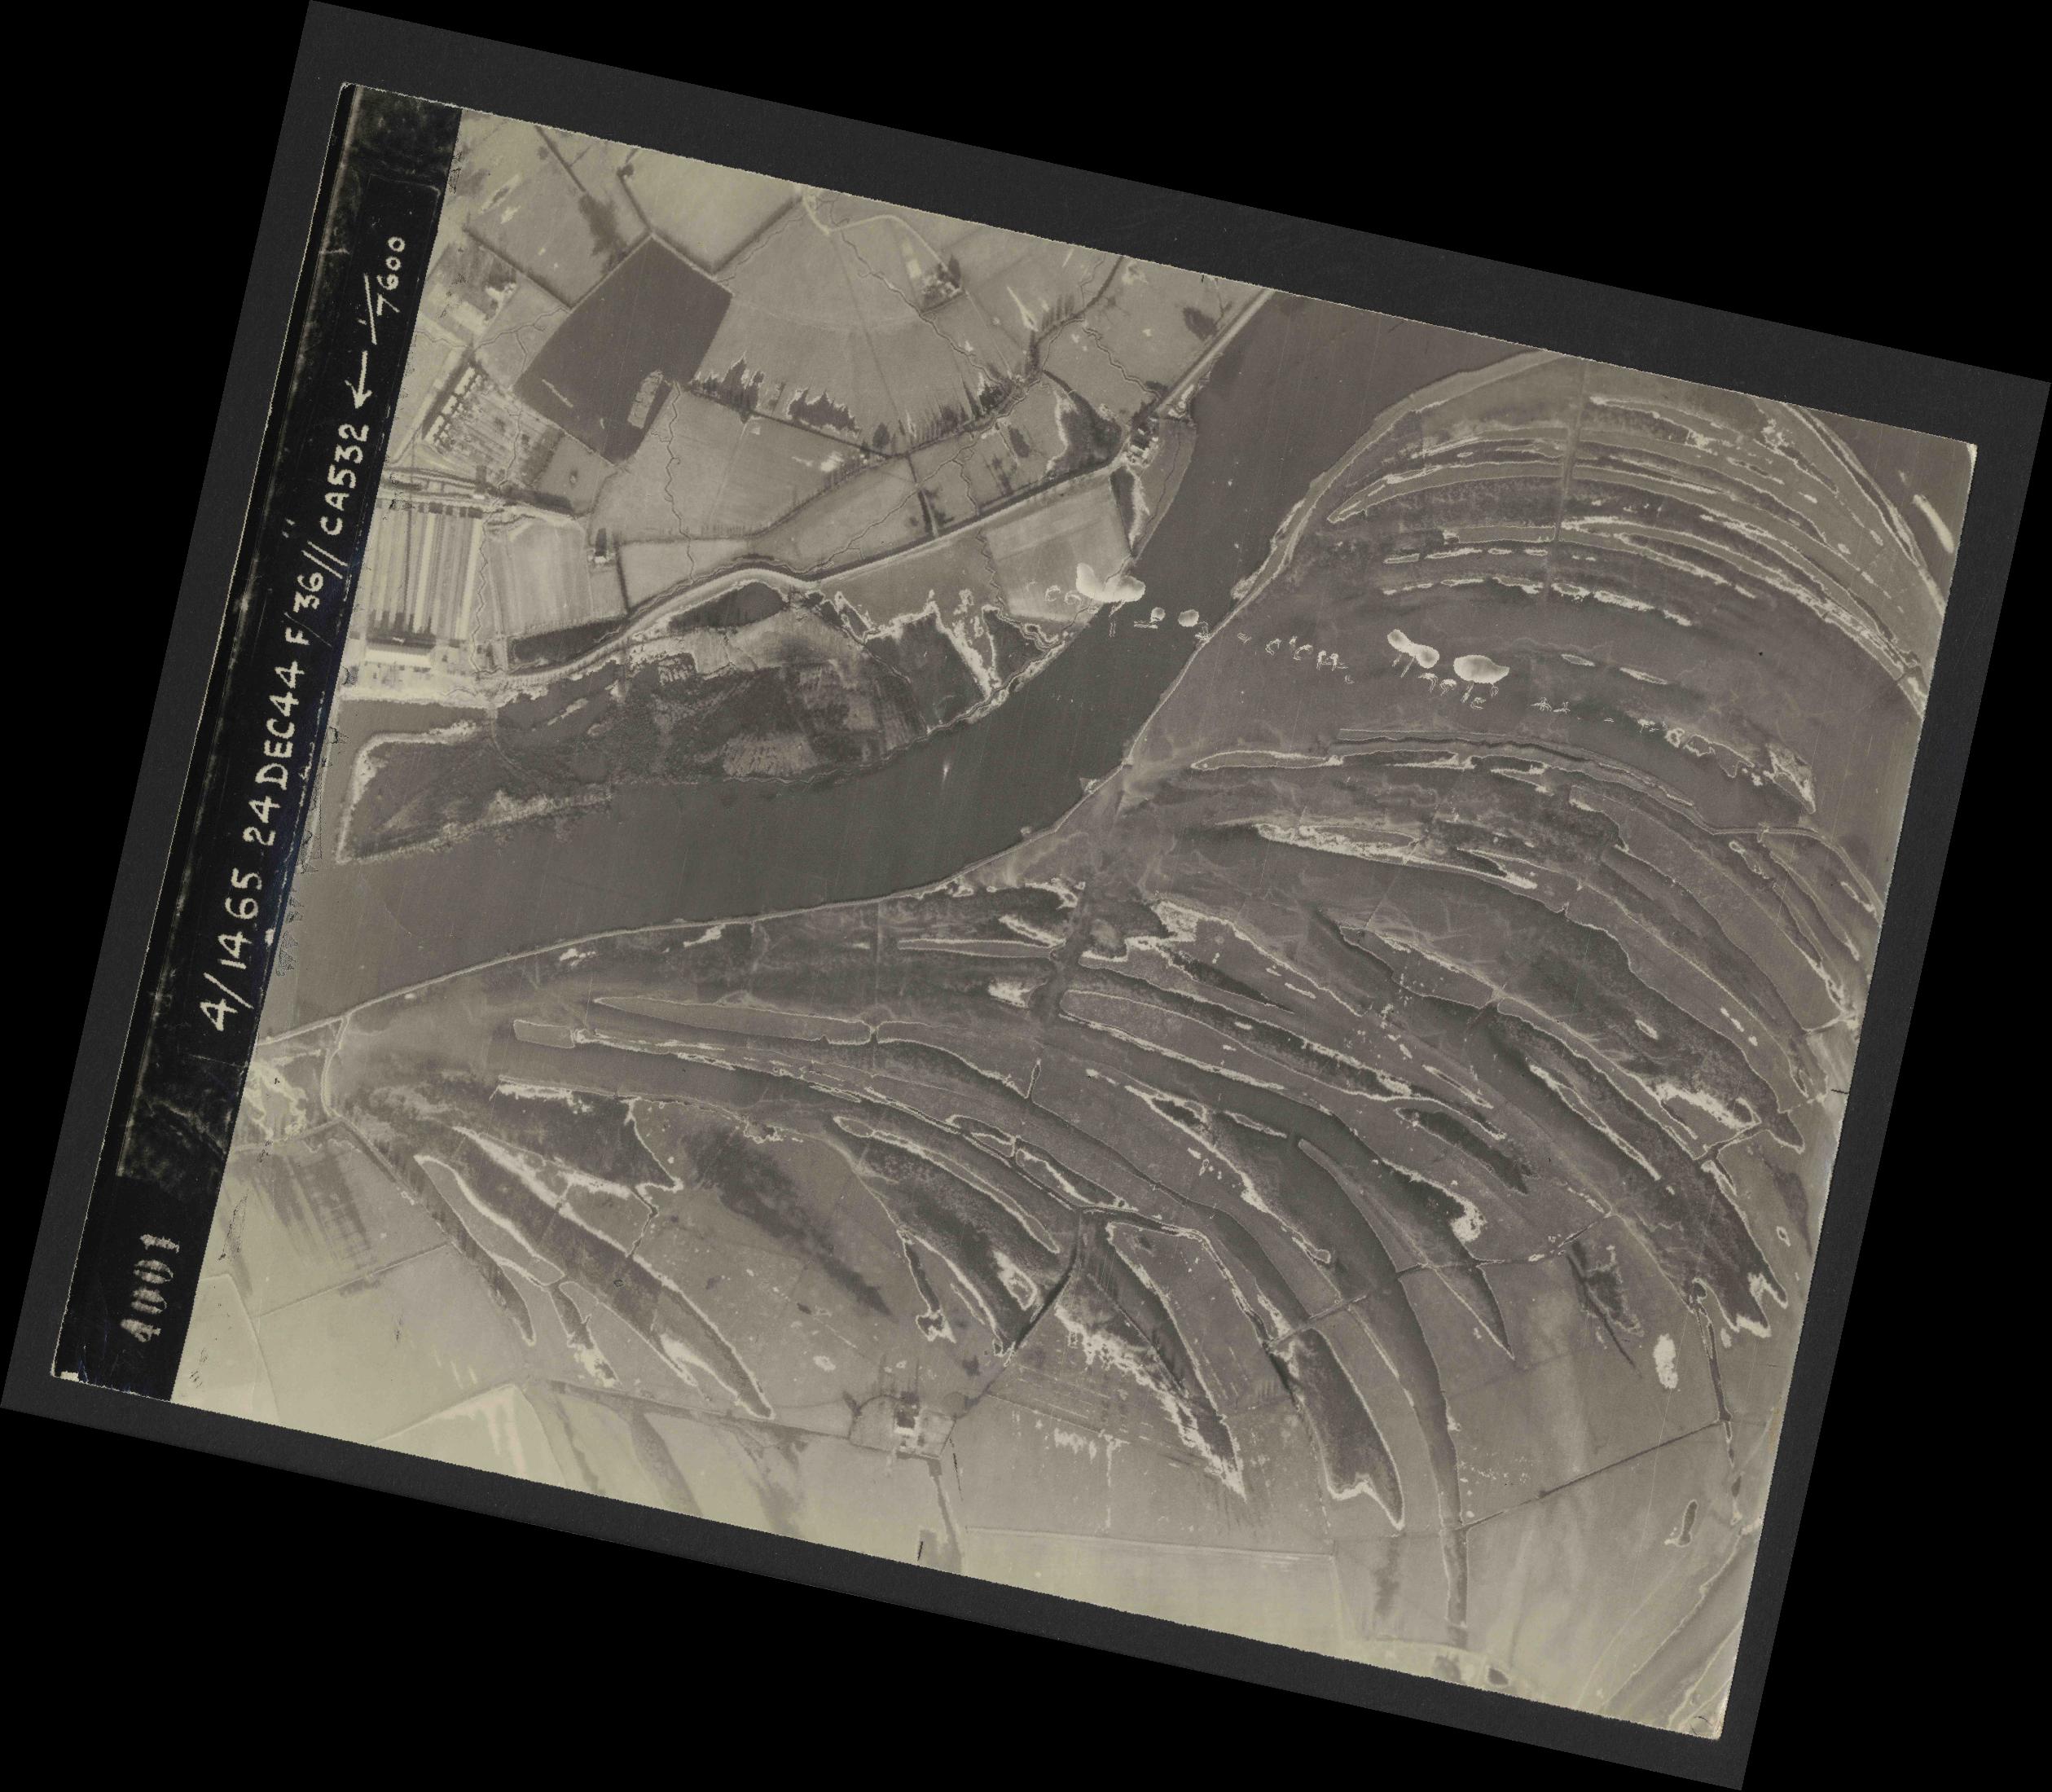 Collection RAF aerial photos 1940-1945 - flight 304, run 03, photo 4001